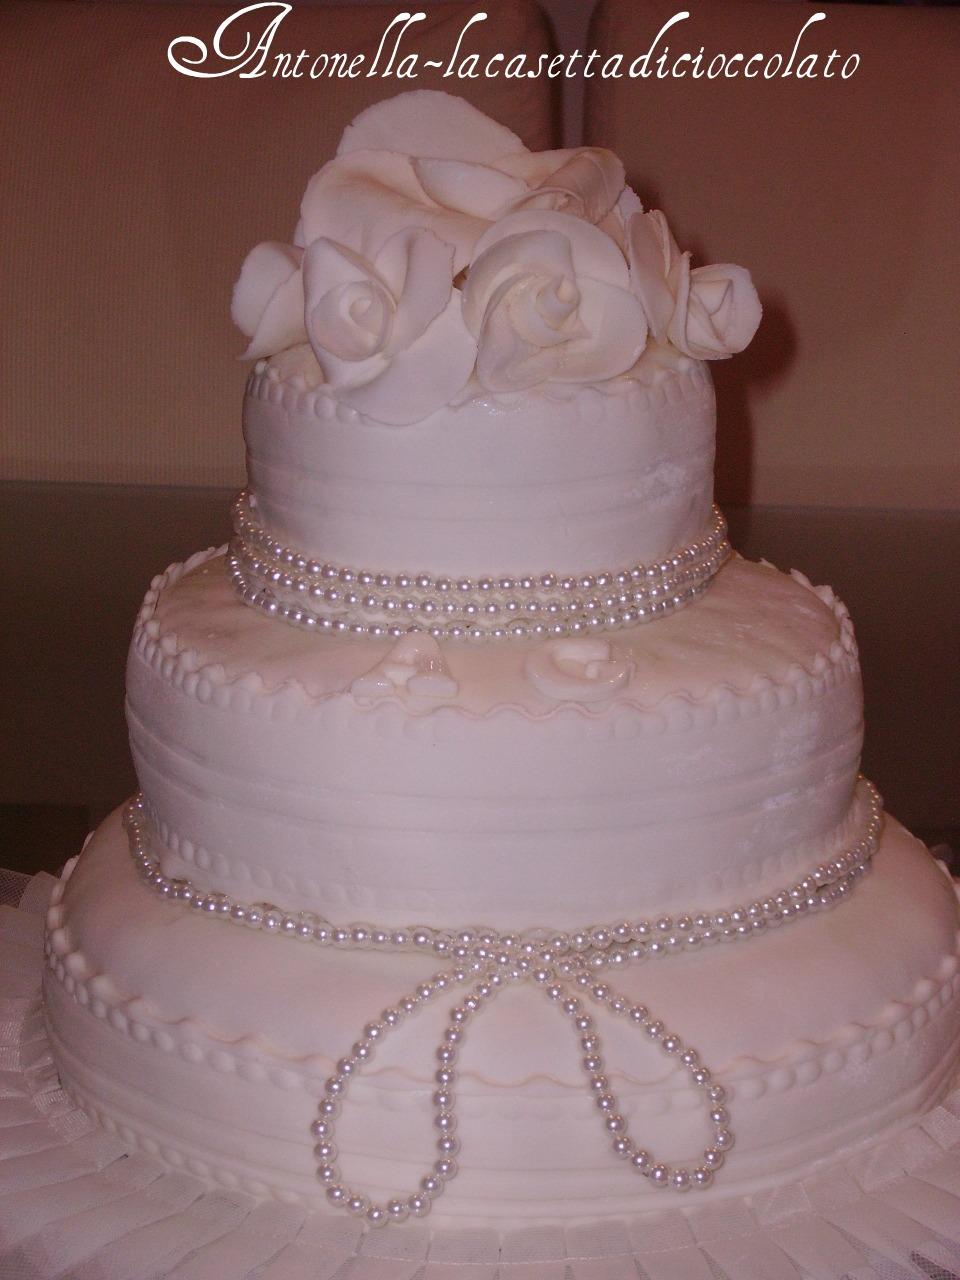 Auguri Matrimonio Ricetta : La casetta di cioccolato torta anni matrimonio